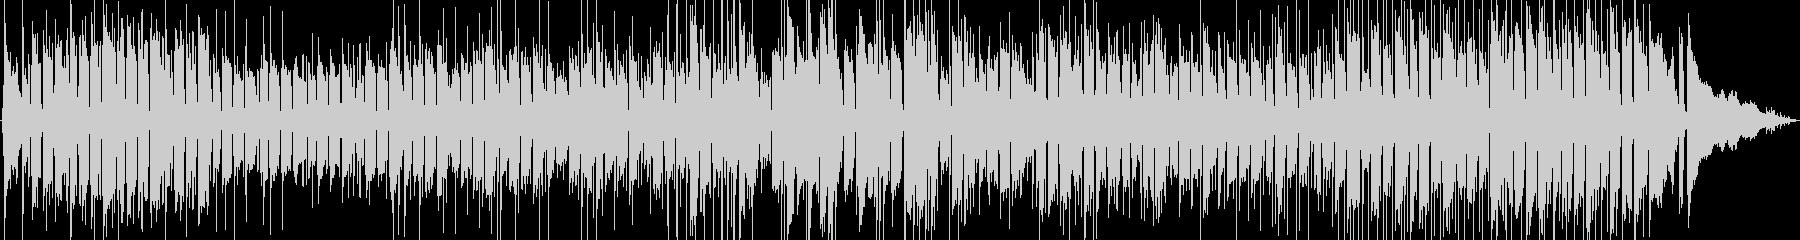 パーカッションとピアノのラテンロッ...の未再生の波形